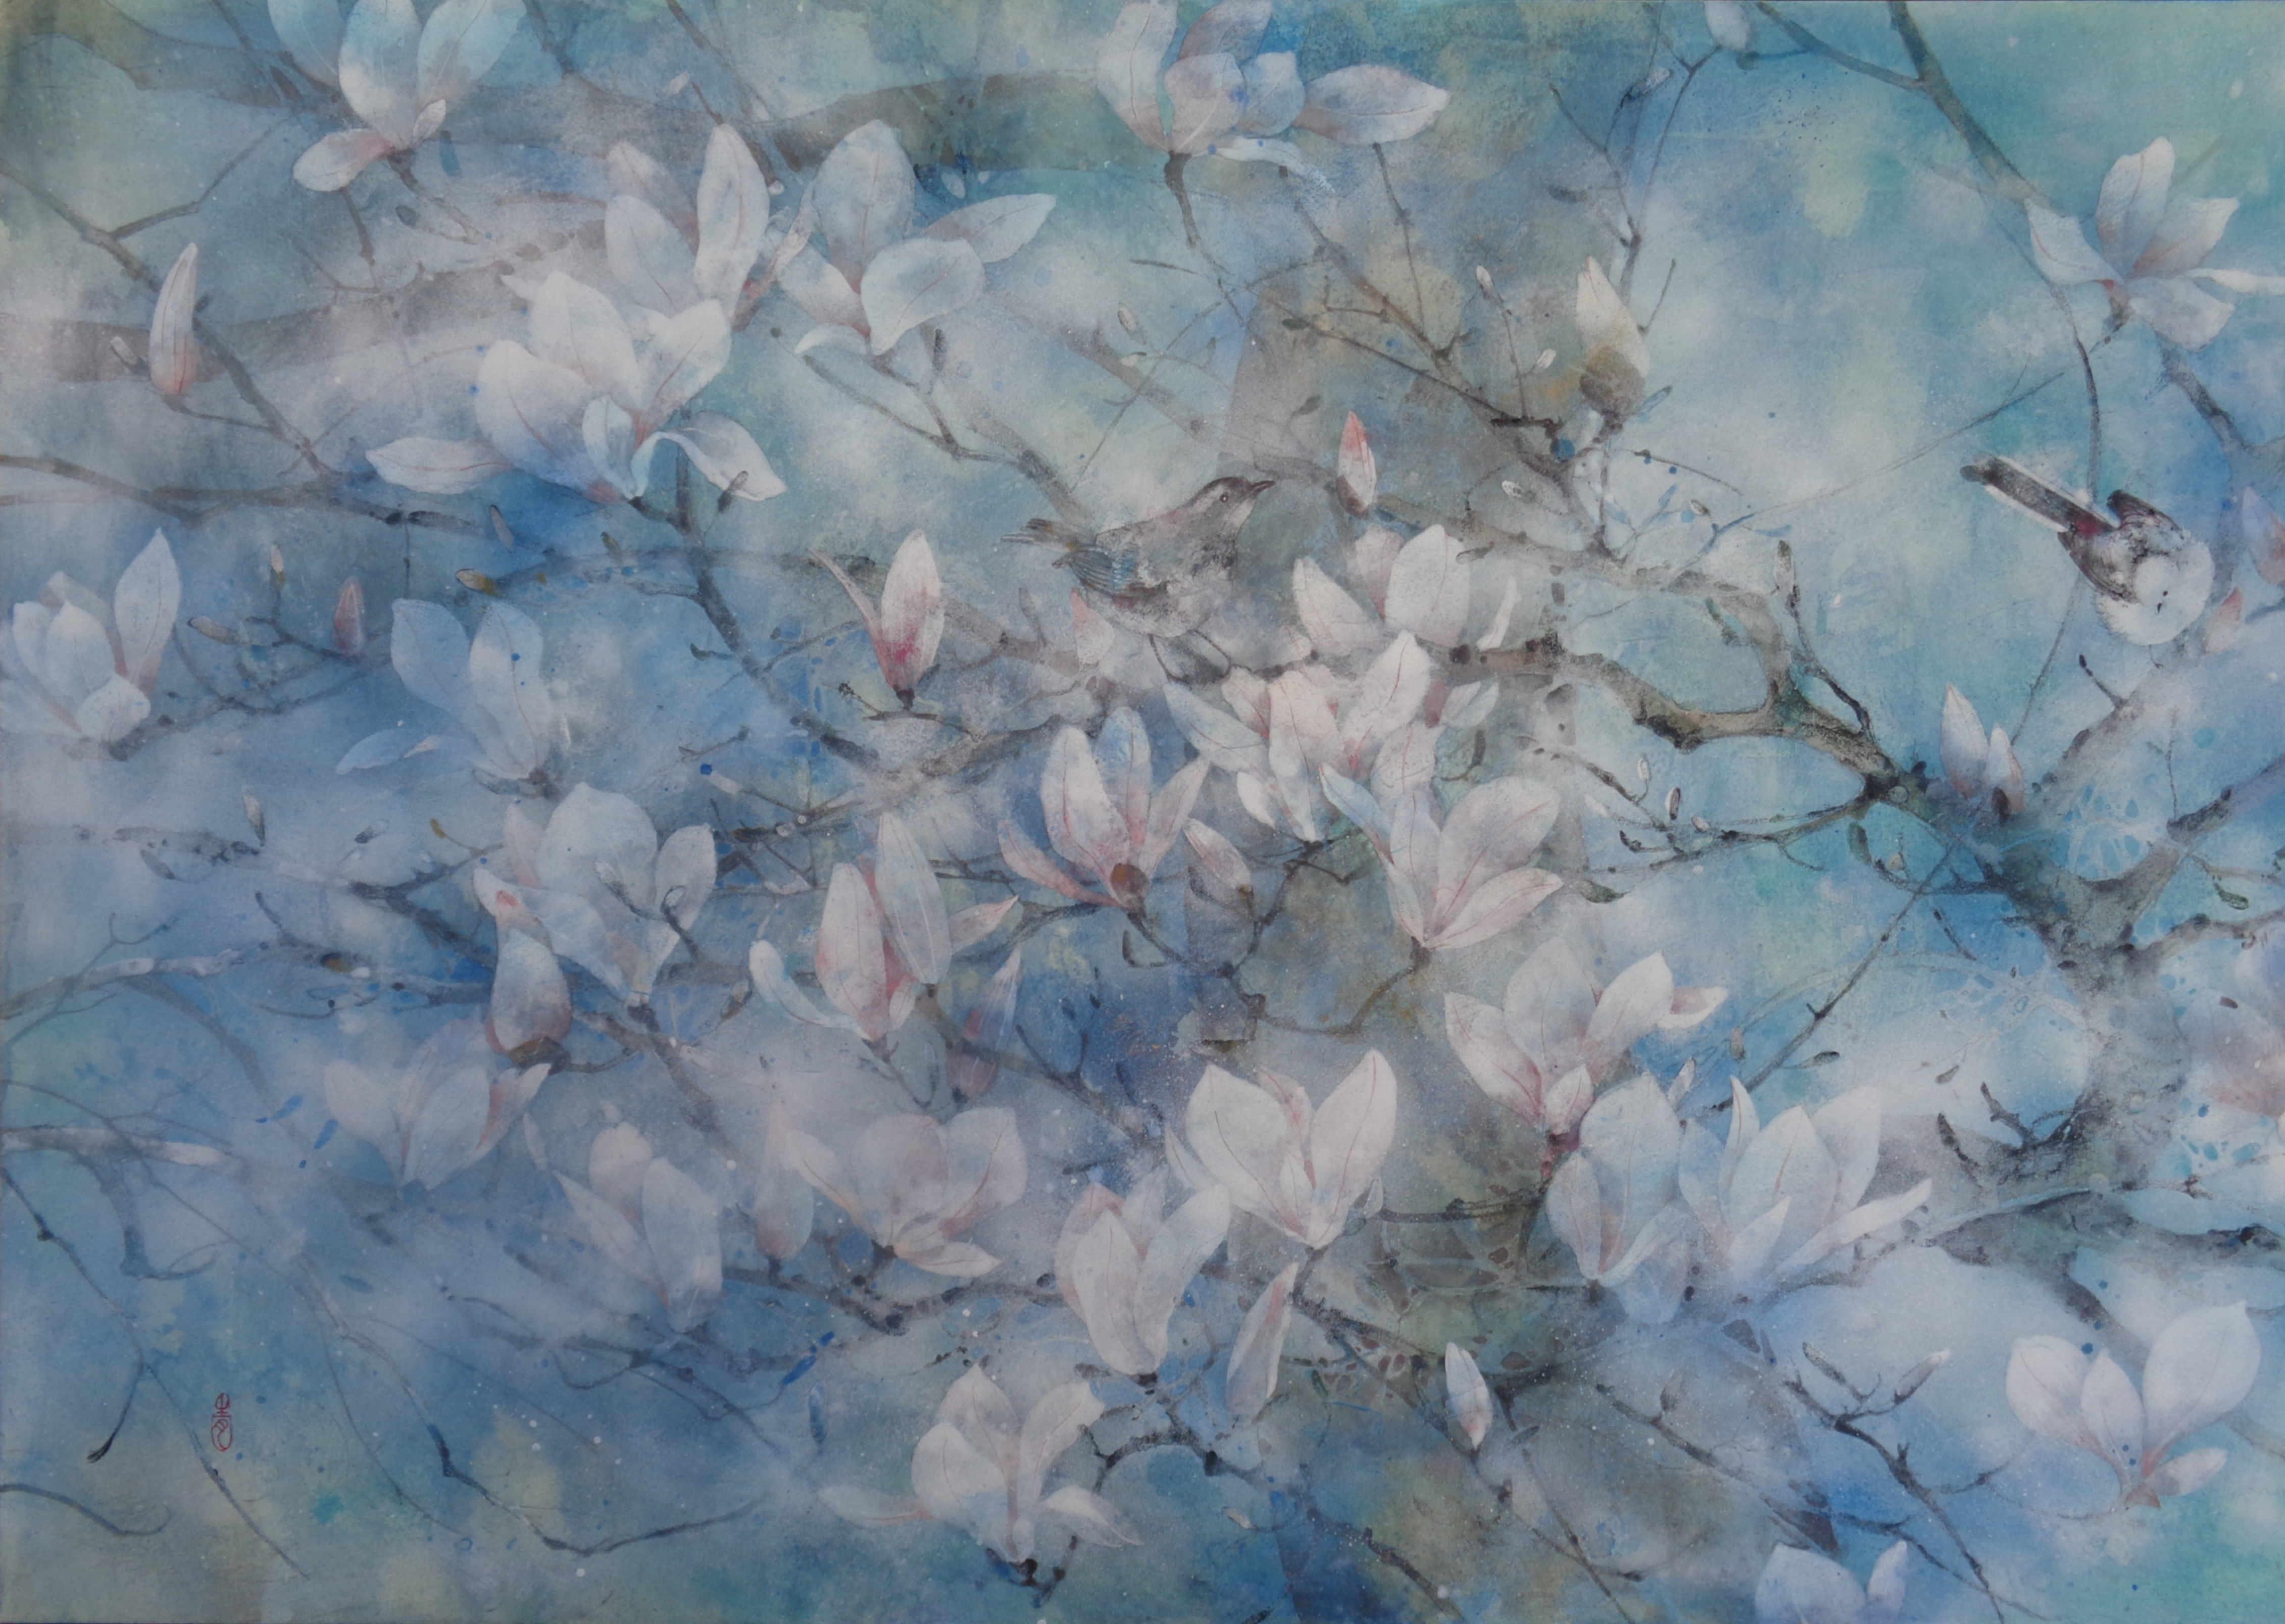 Le vent du printemps - 70x100 cm / 2020